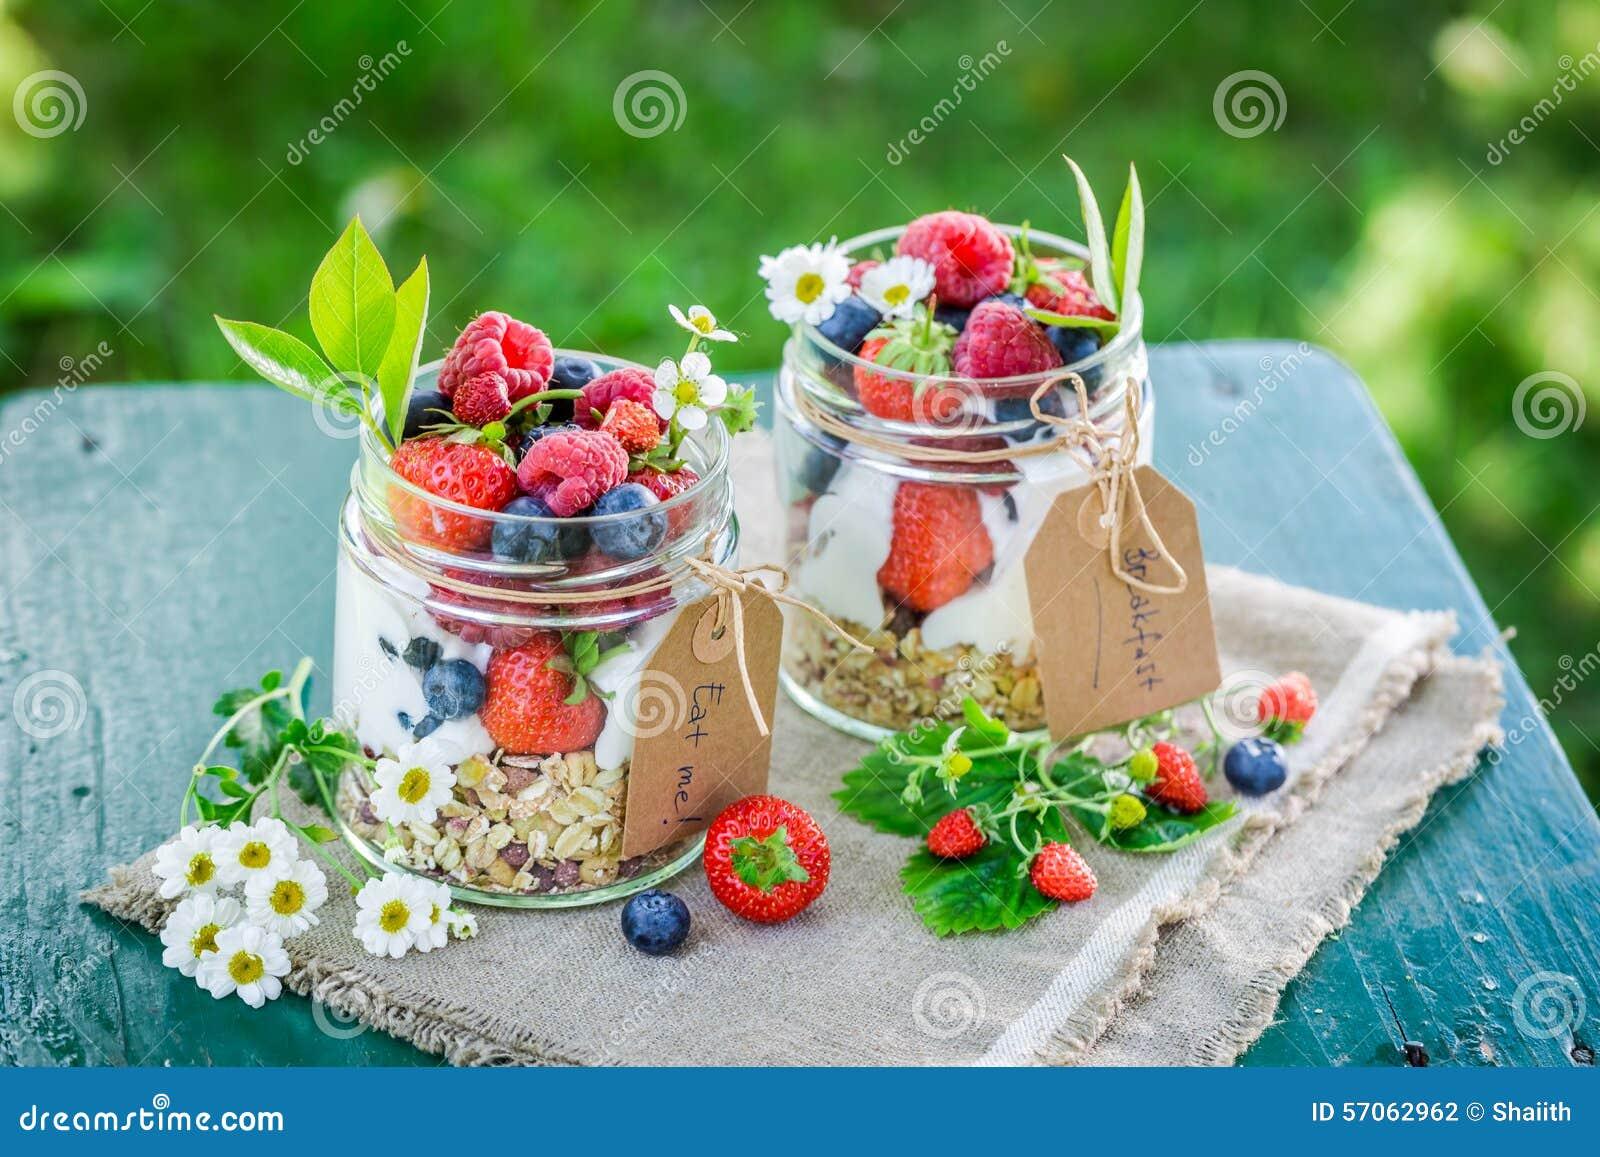 Smakelijke muesli met yoghurt en bessen in tuin